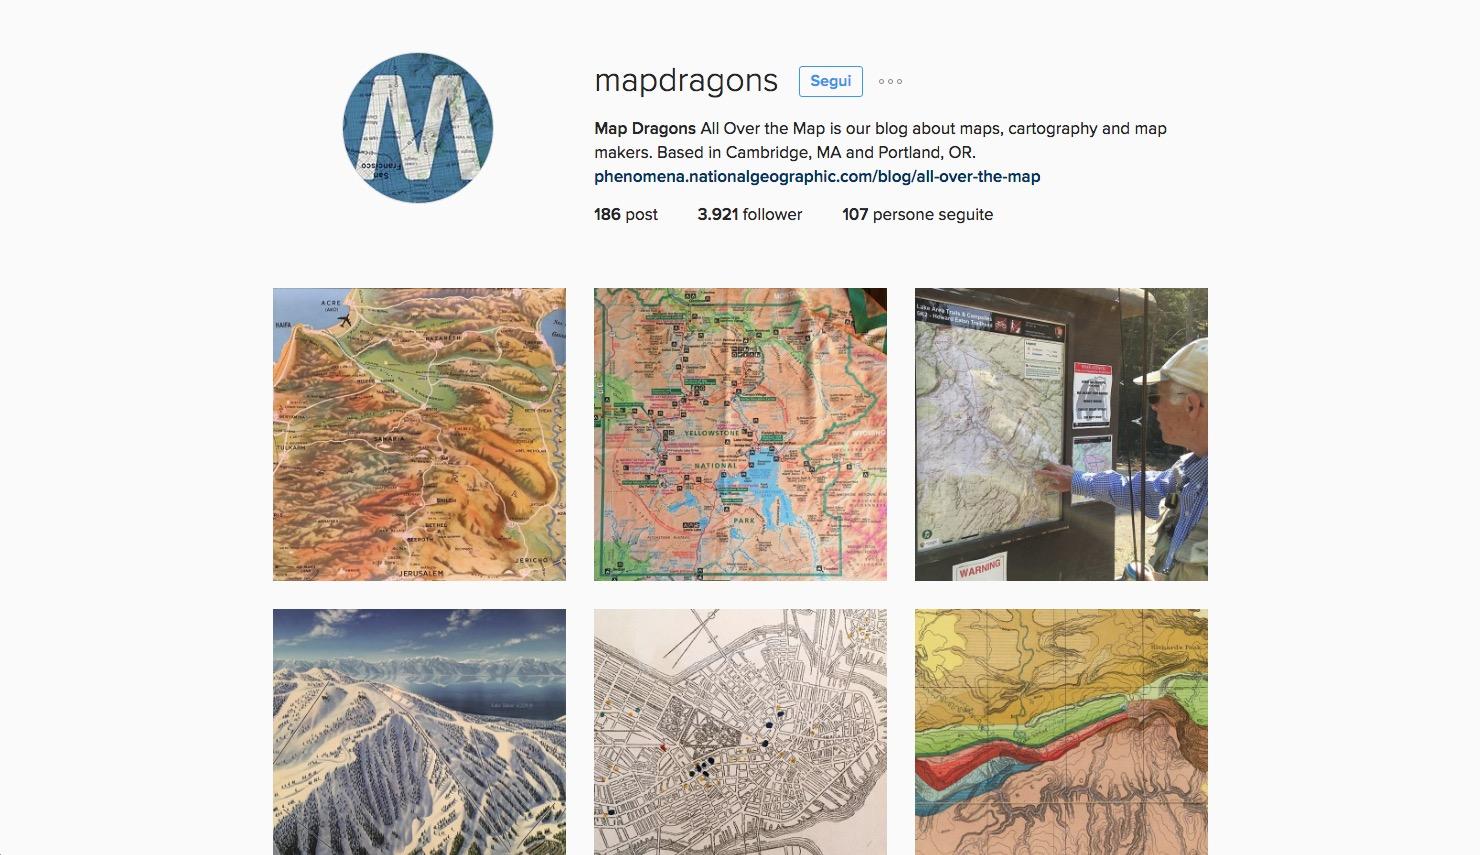 mapdragons